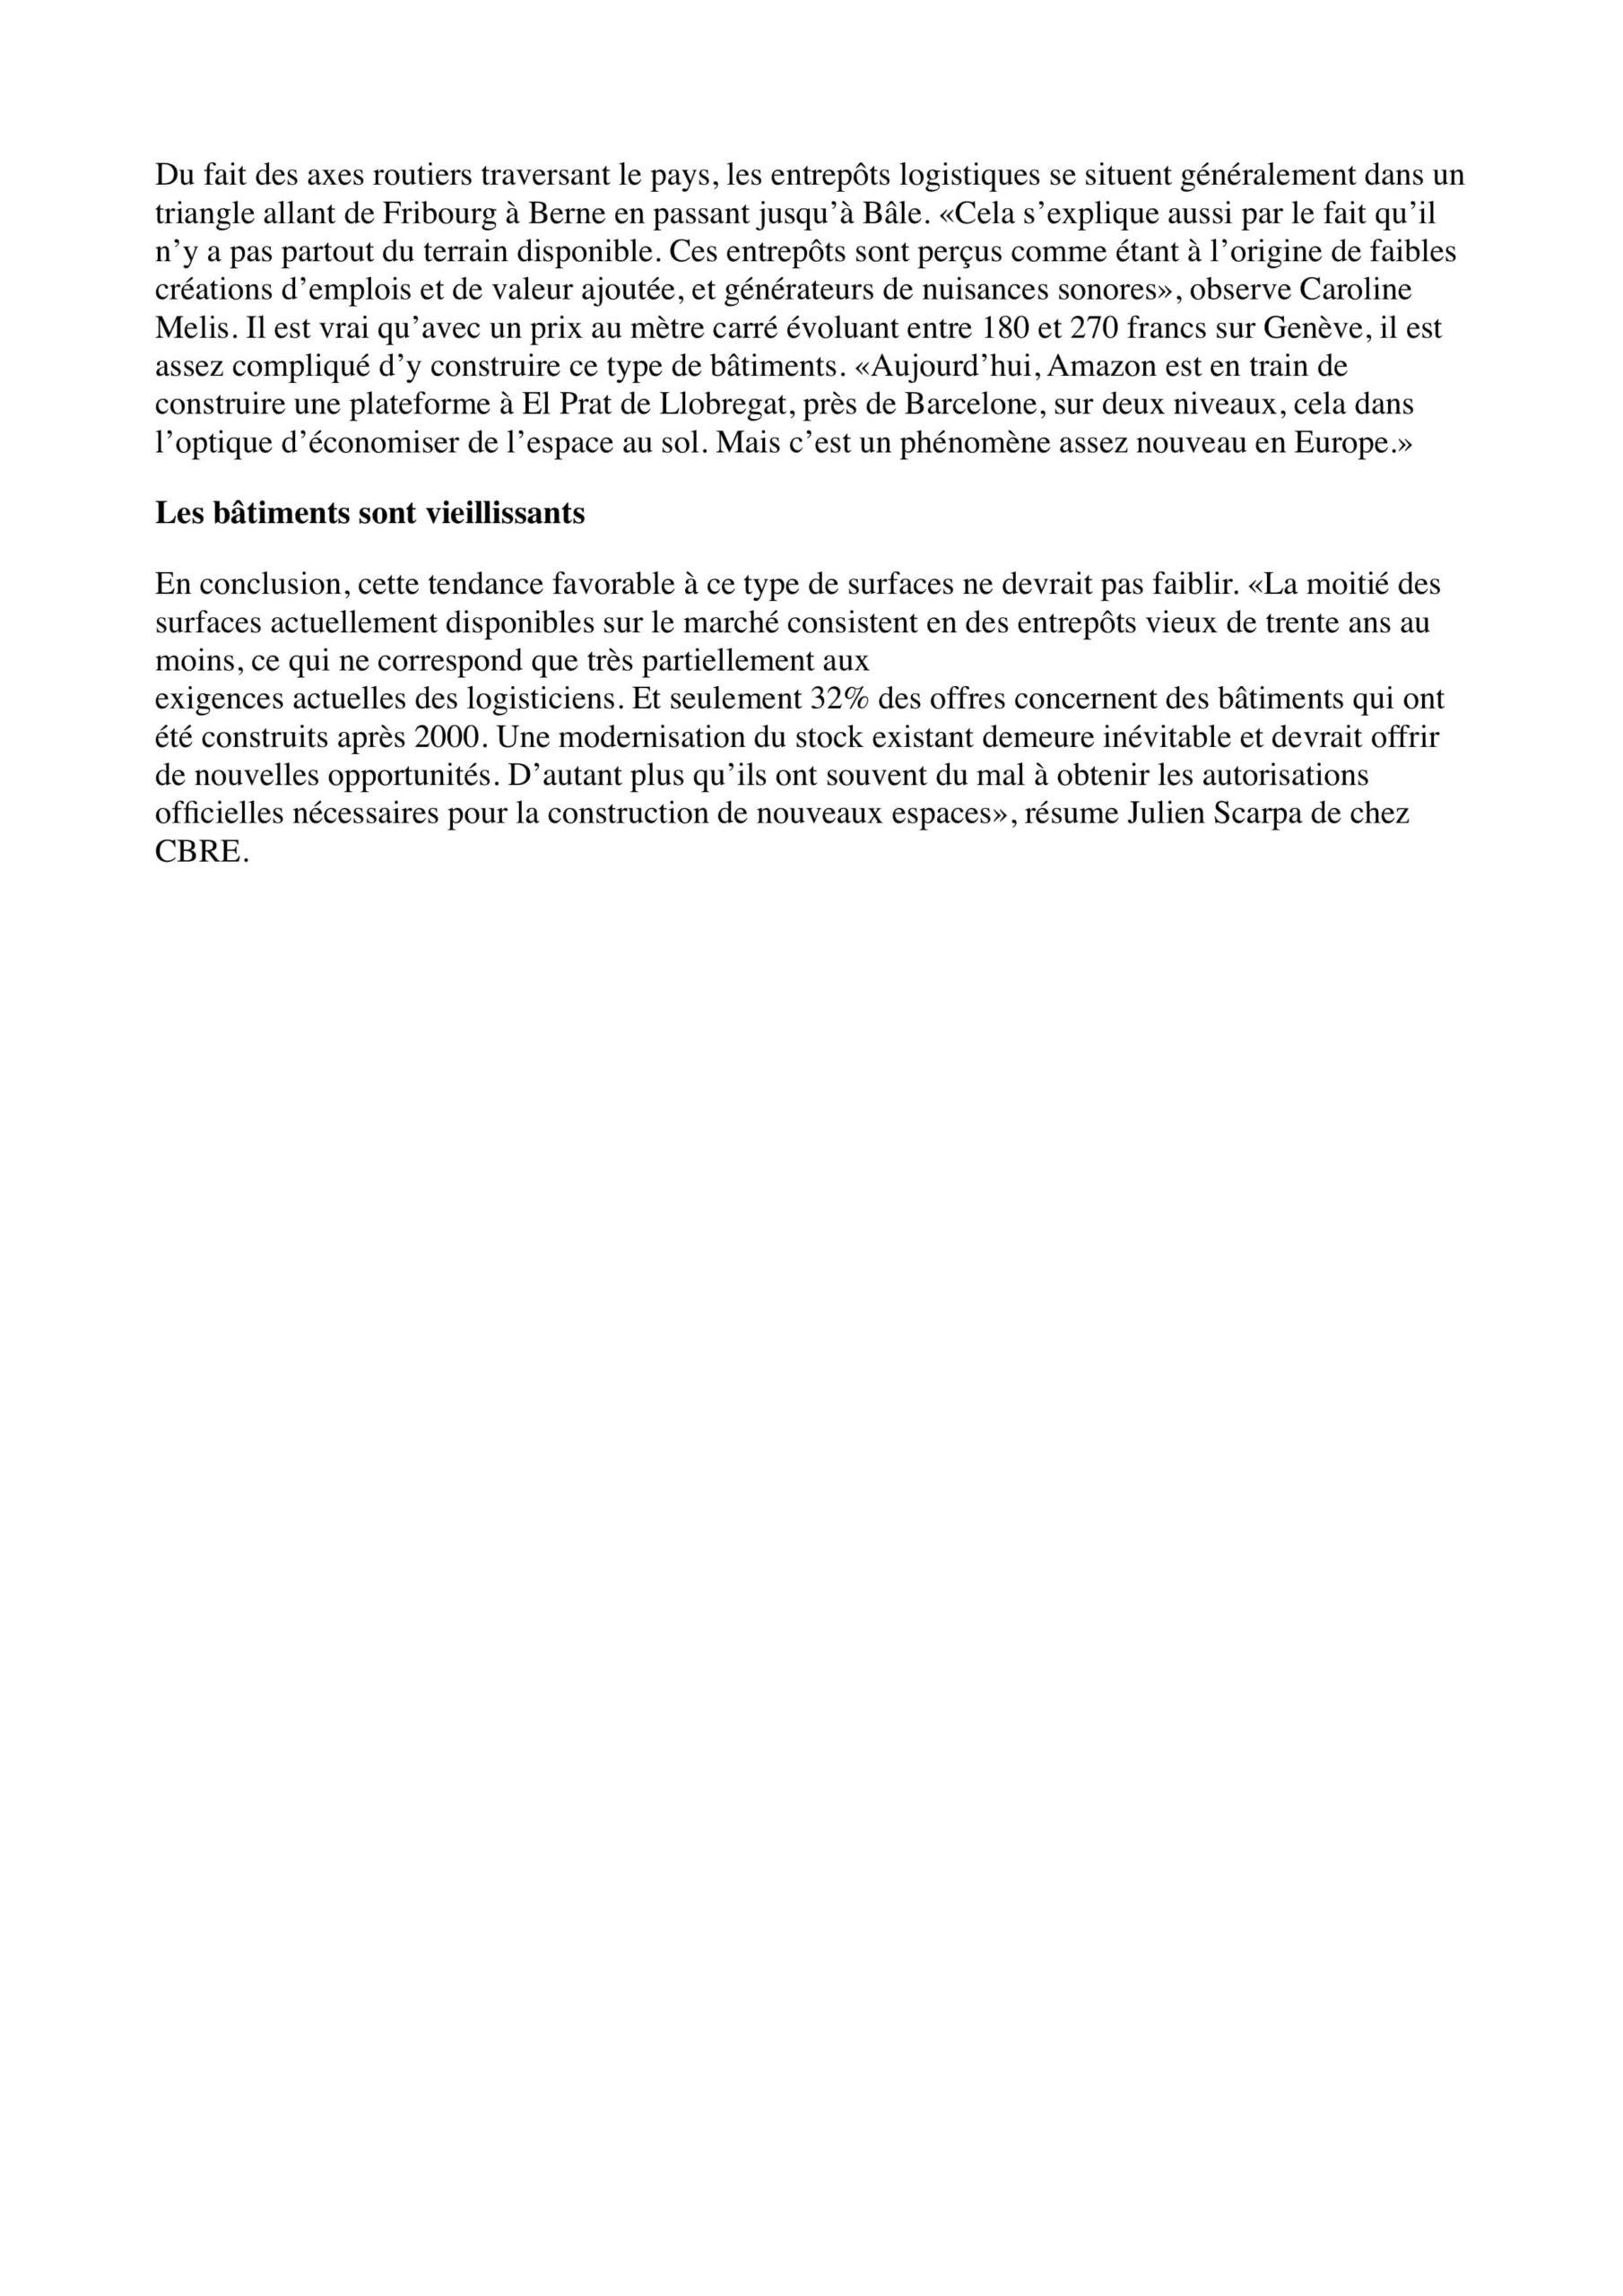 LVTiC-actualites-avril-2019-le-segment-logistique-a-le-vent-en-poupe-4